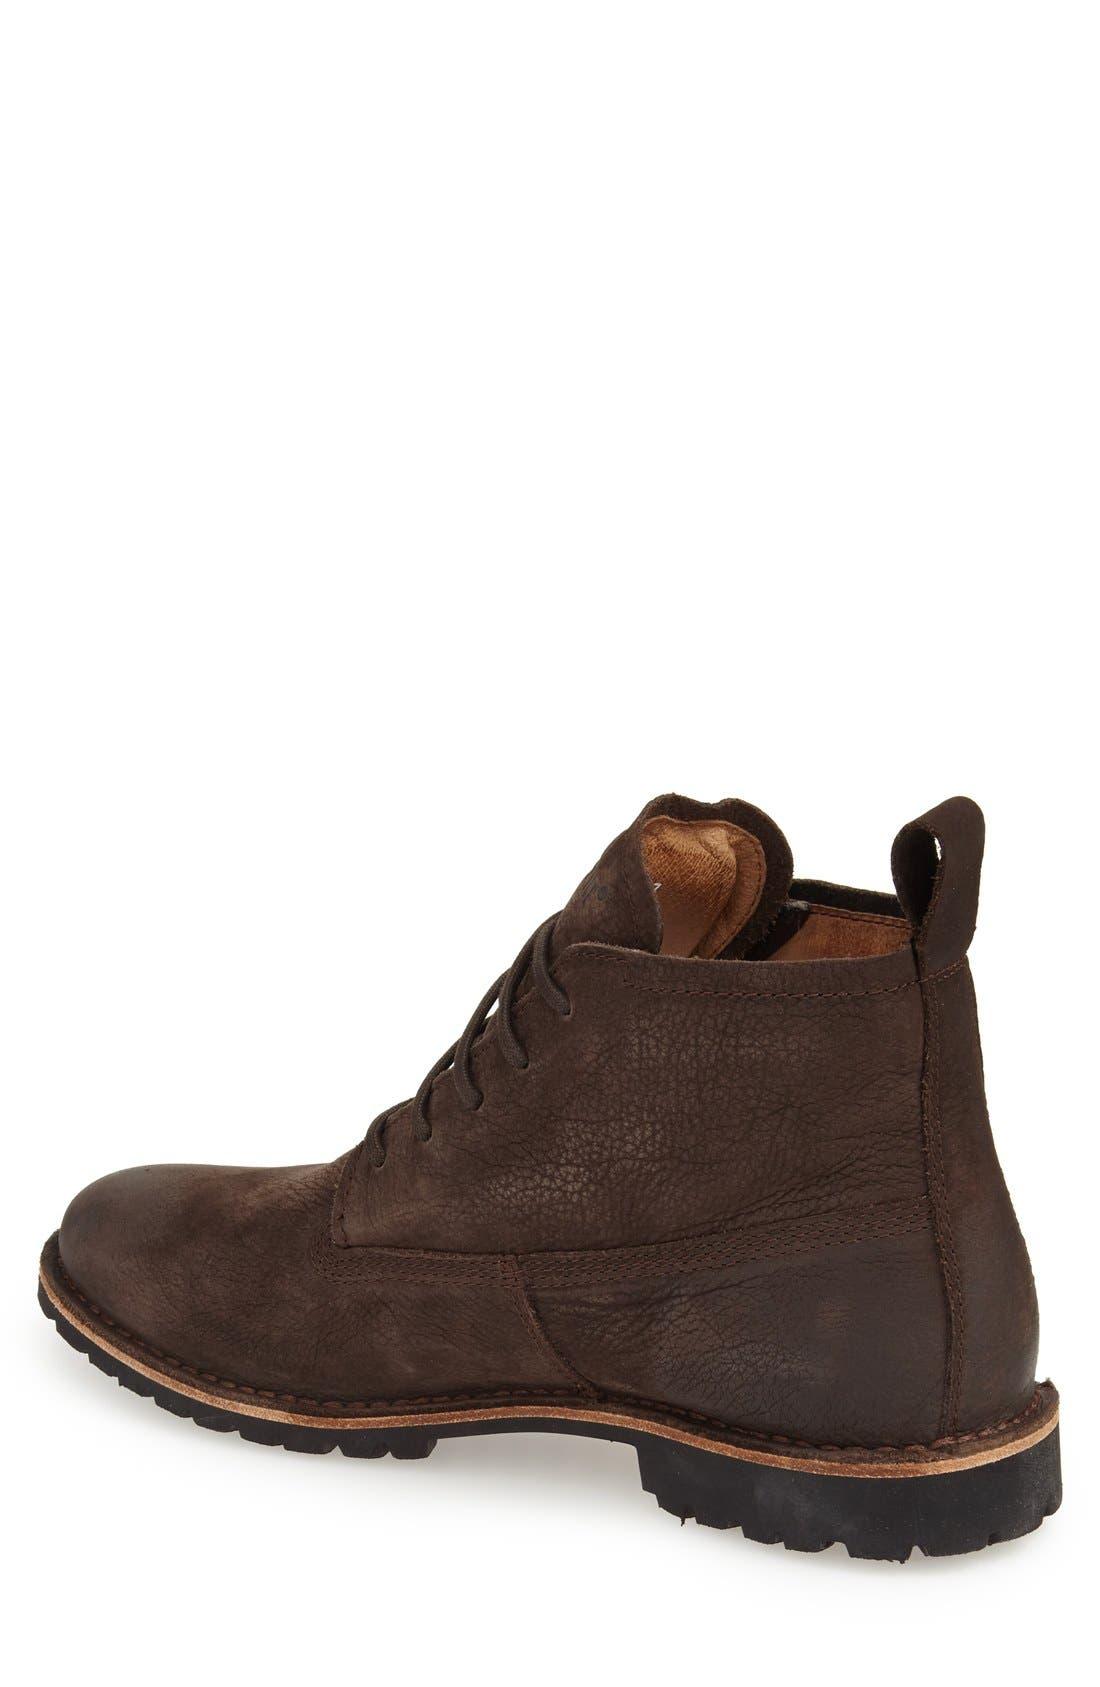 'KM07' Plain Toe Boot,                             Alternate thumbnail 6, color,